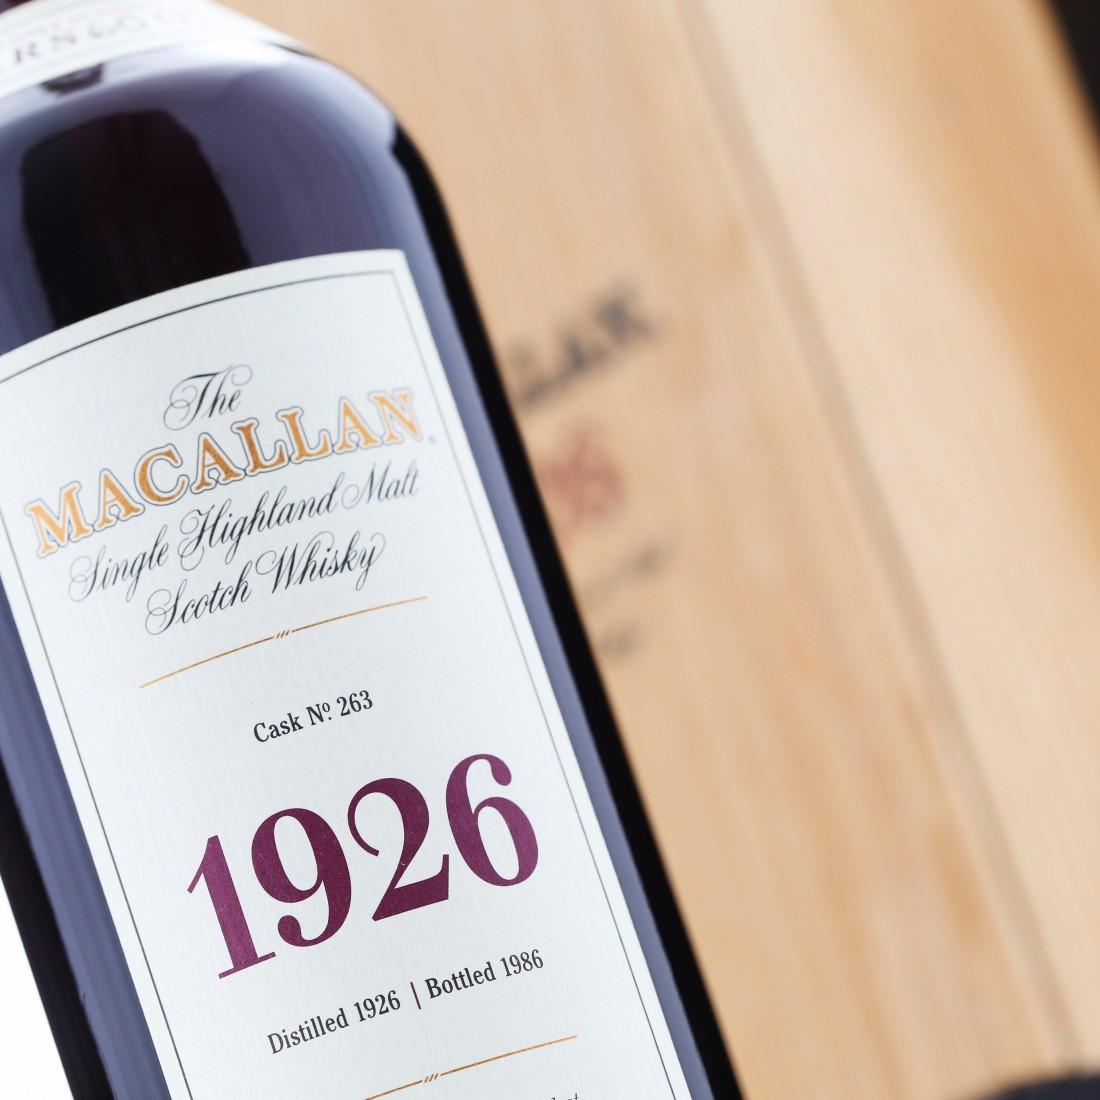 macallan 1926 fine and rare